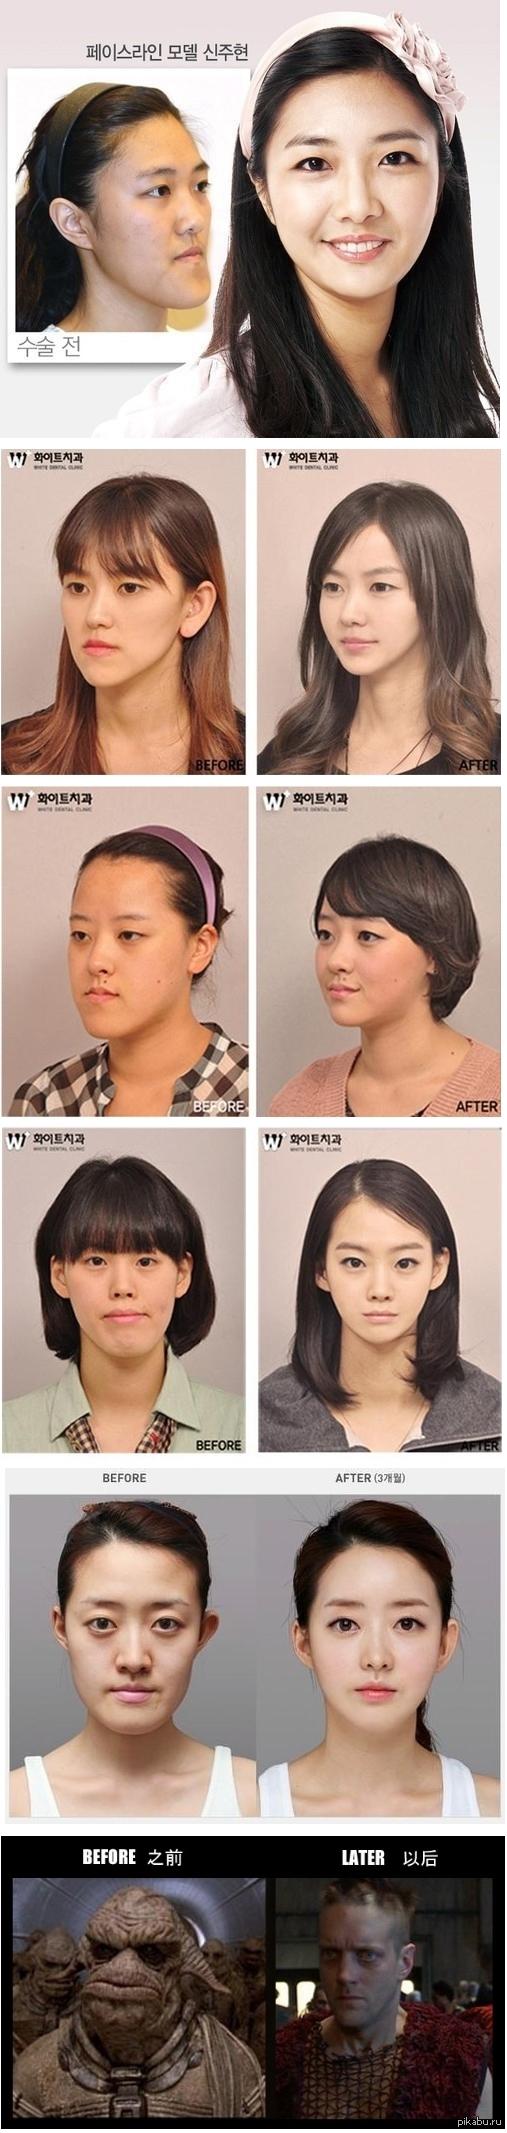 Макияж лица фото девушек